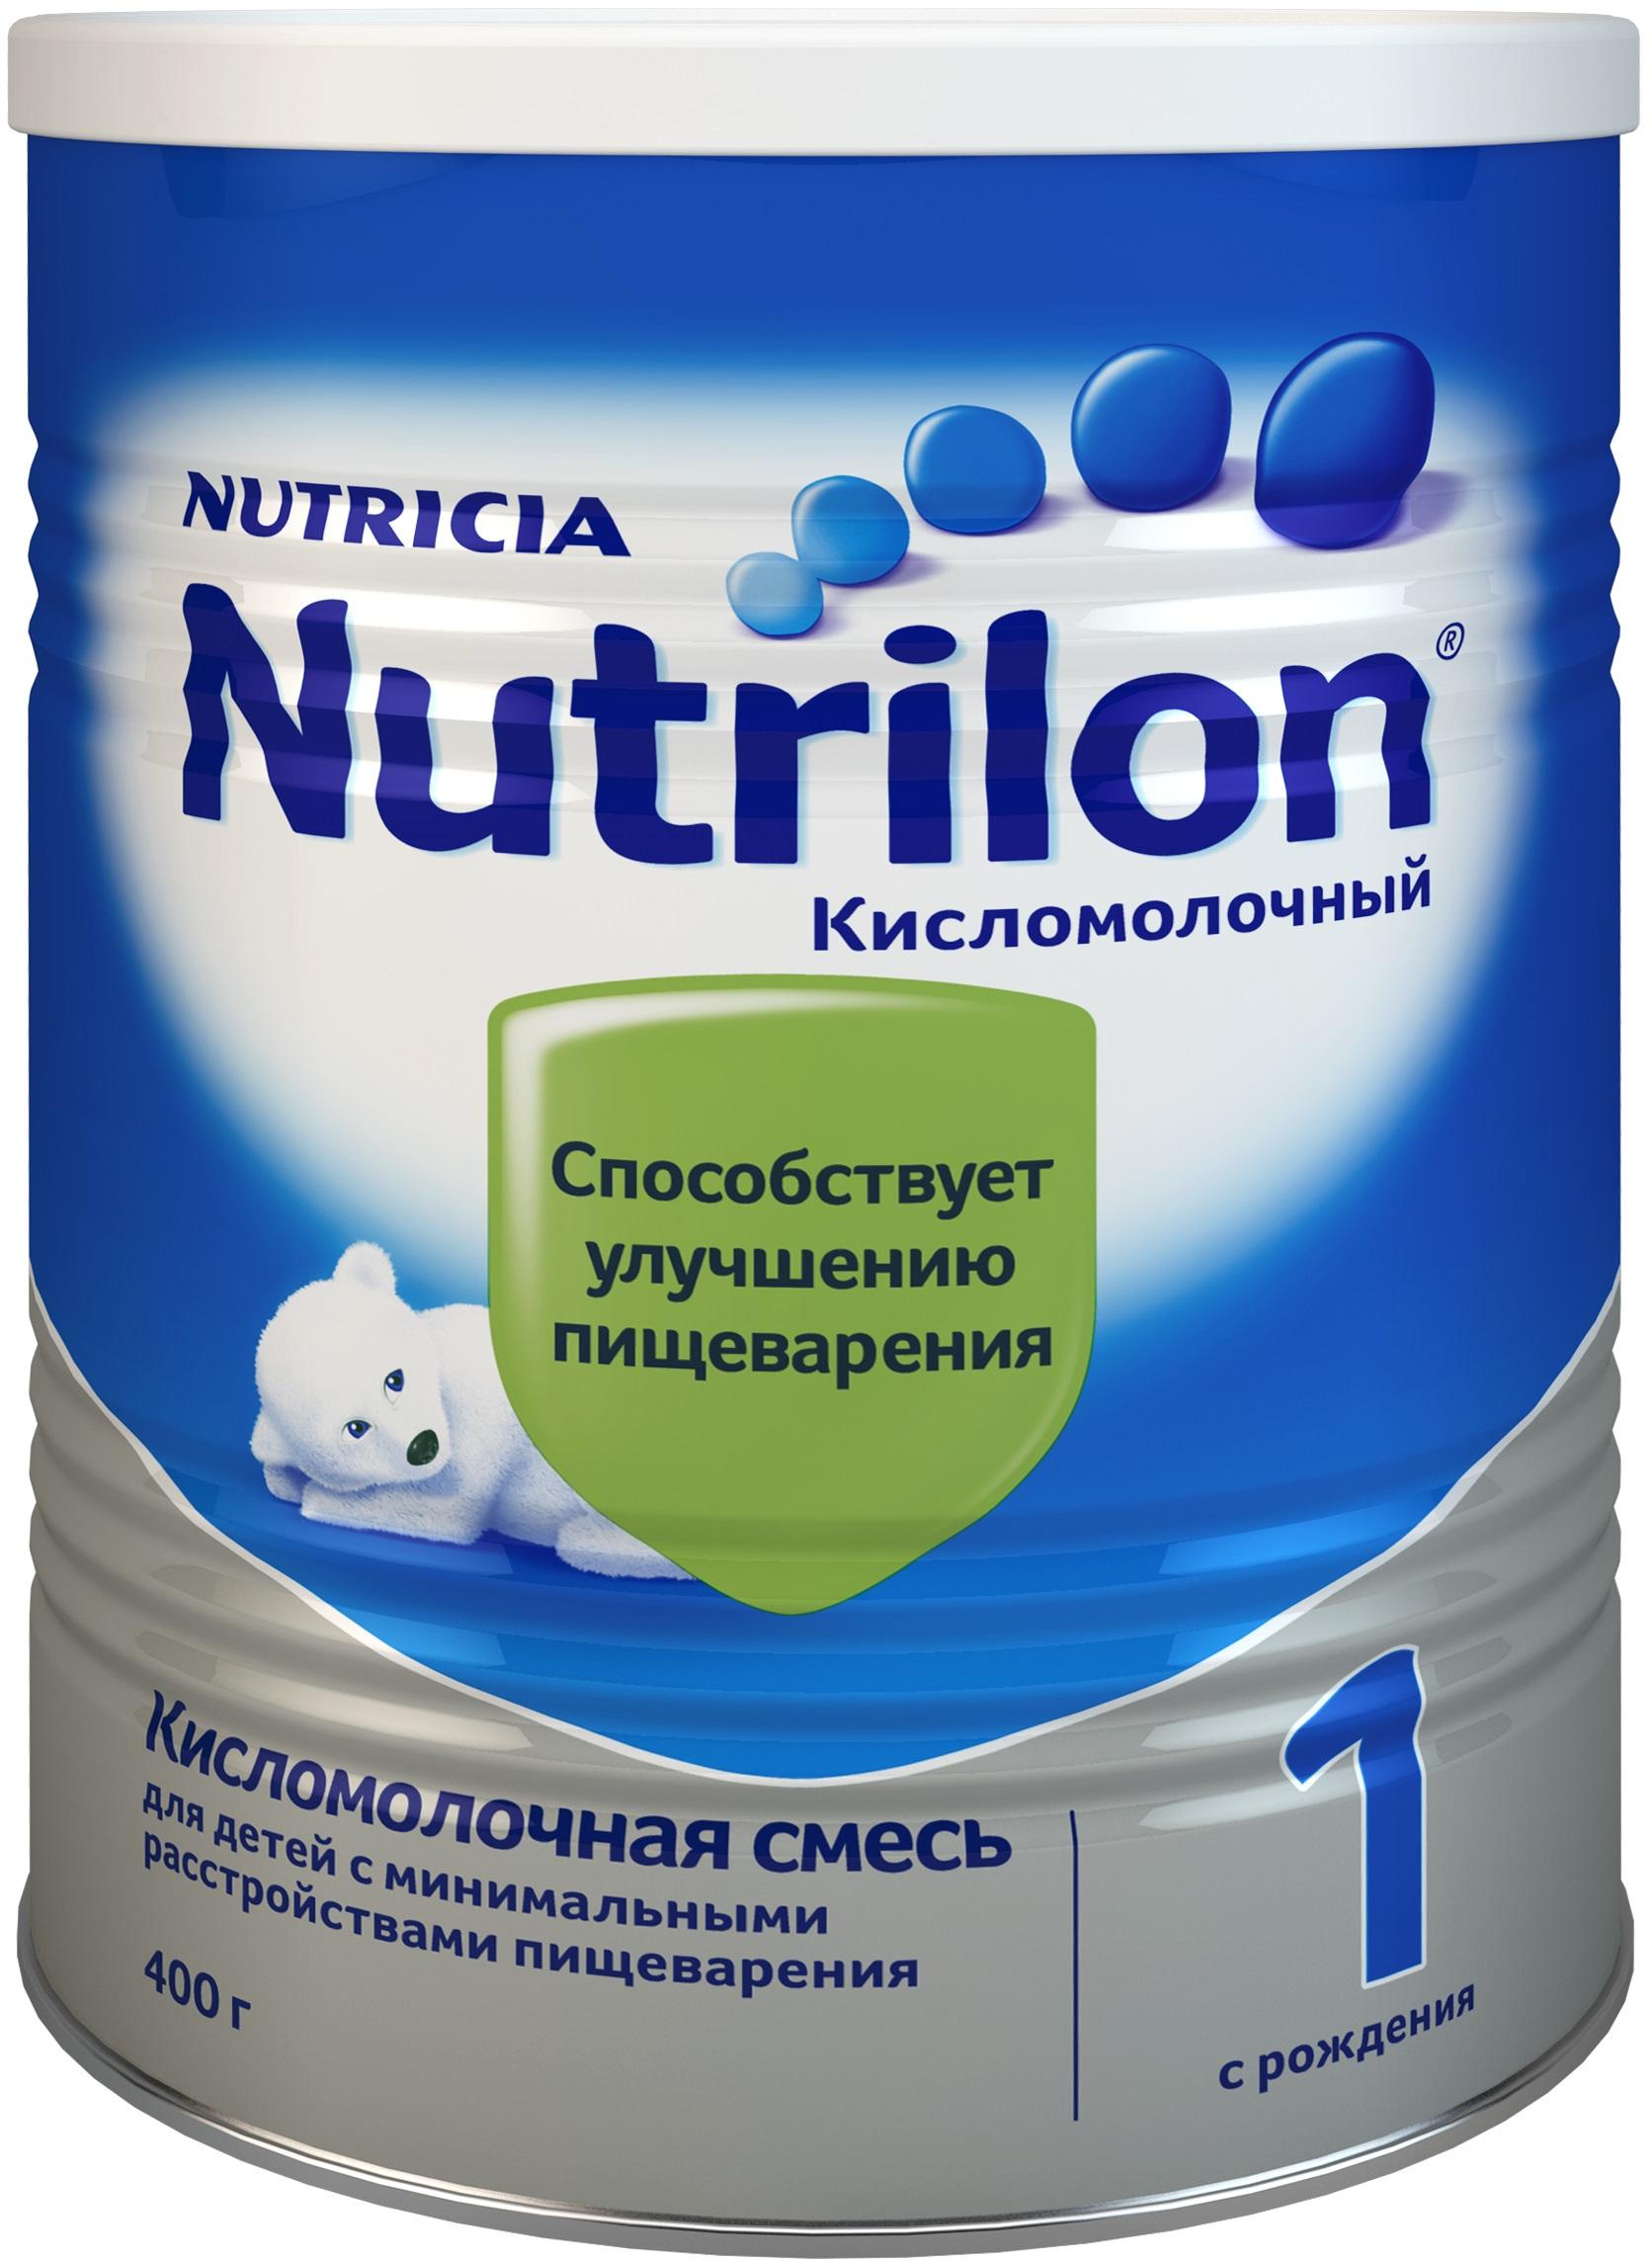 Молочная смесь Nutricia Nutrilon (Nutricia) 1 кисломолочный (c рождения) 400 г молочная смесь nutricia nutrilon nutricia 1 premium c рождения 400 г